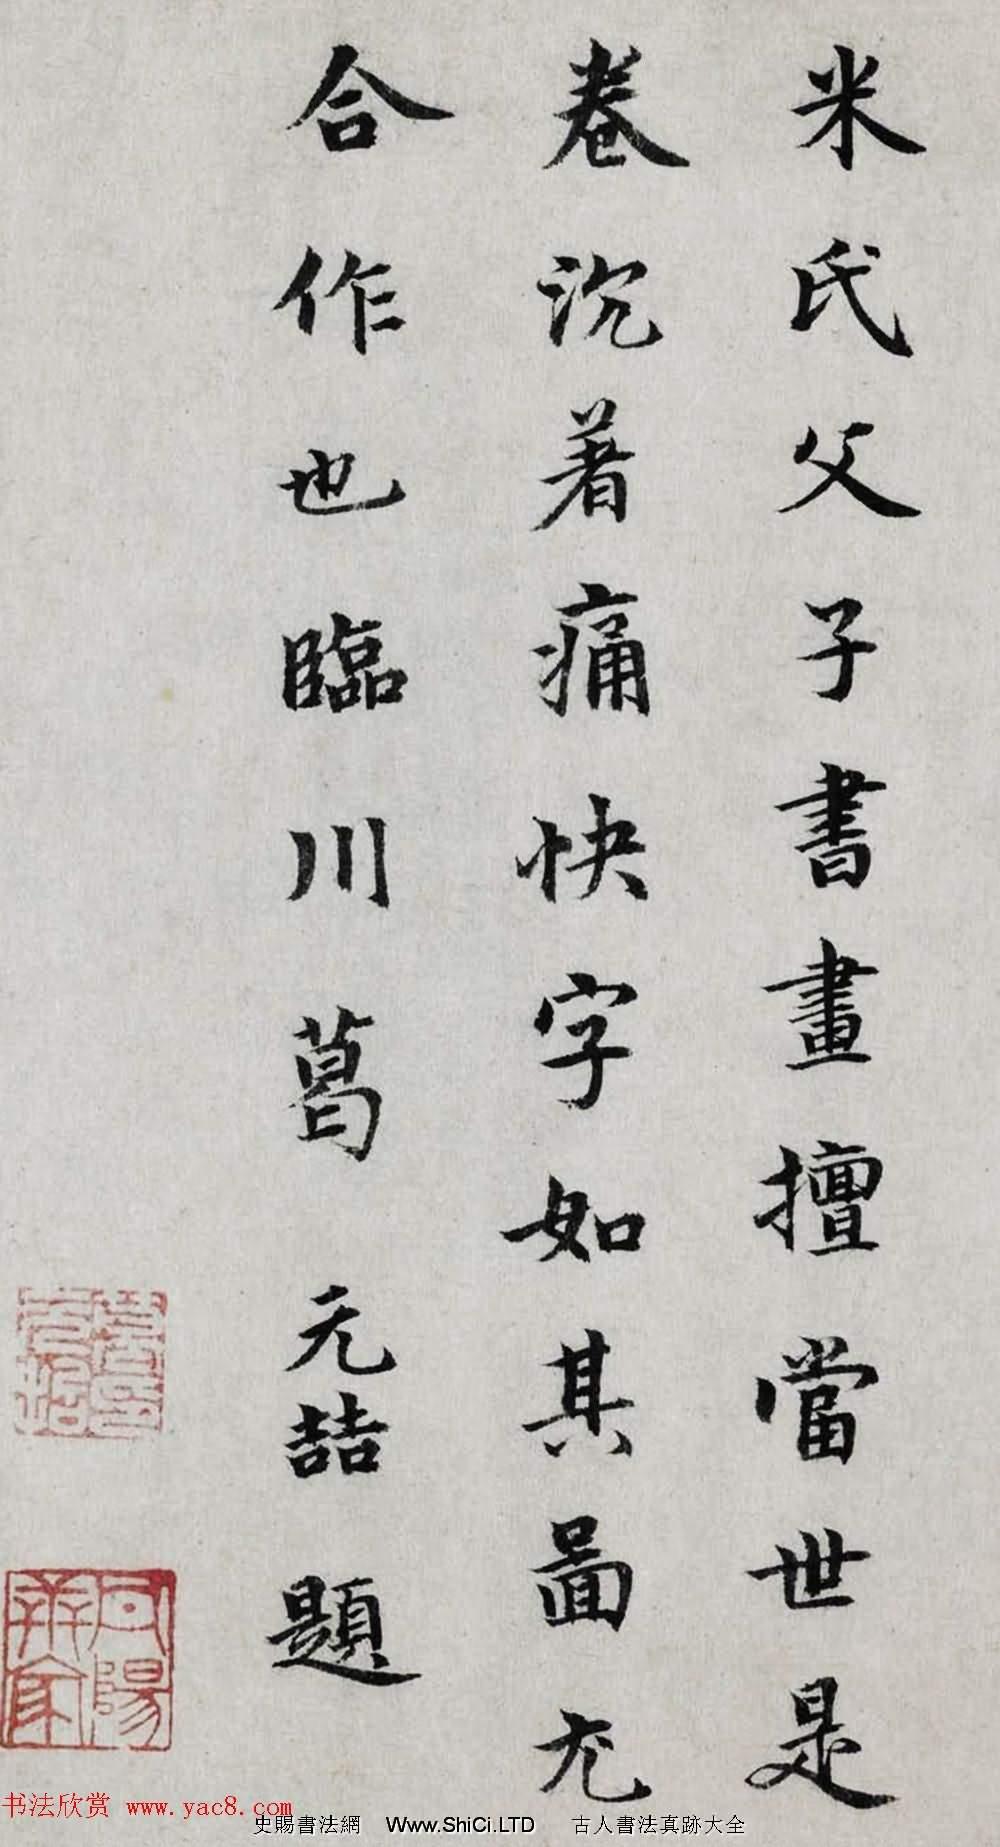 元人楷書《題米友仁瀟湘奇觀圖卷》(共2張圖片)